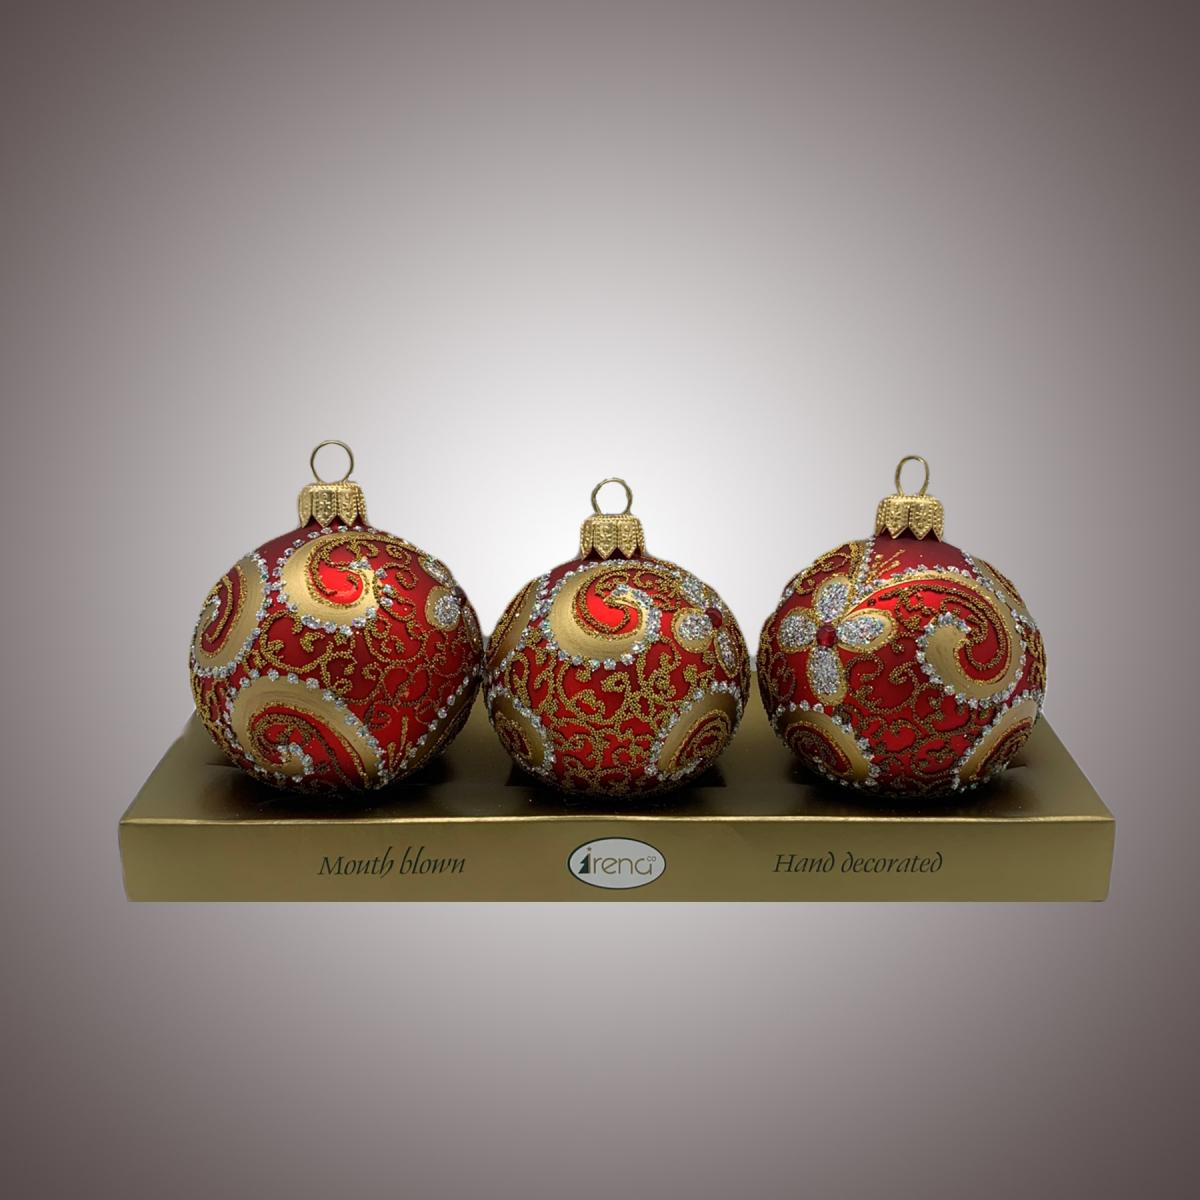 Набор шаров Д60 по 3 шт Бронзовый декор на красном АРТ 80316